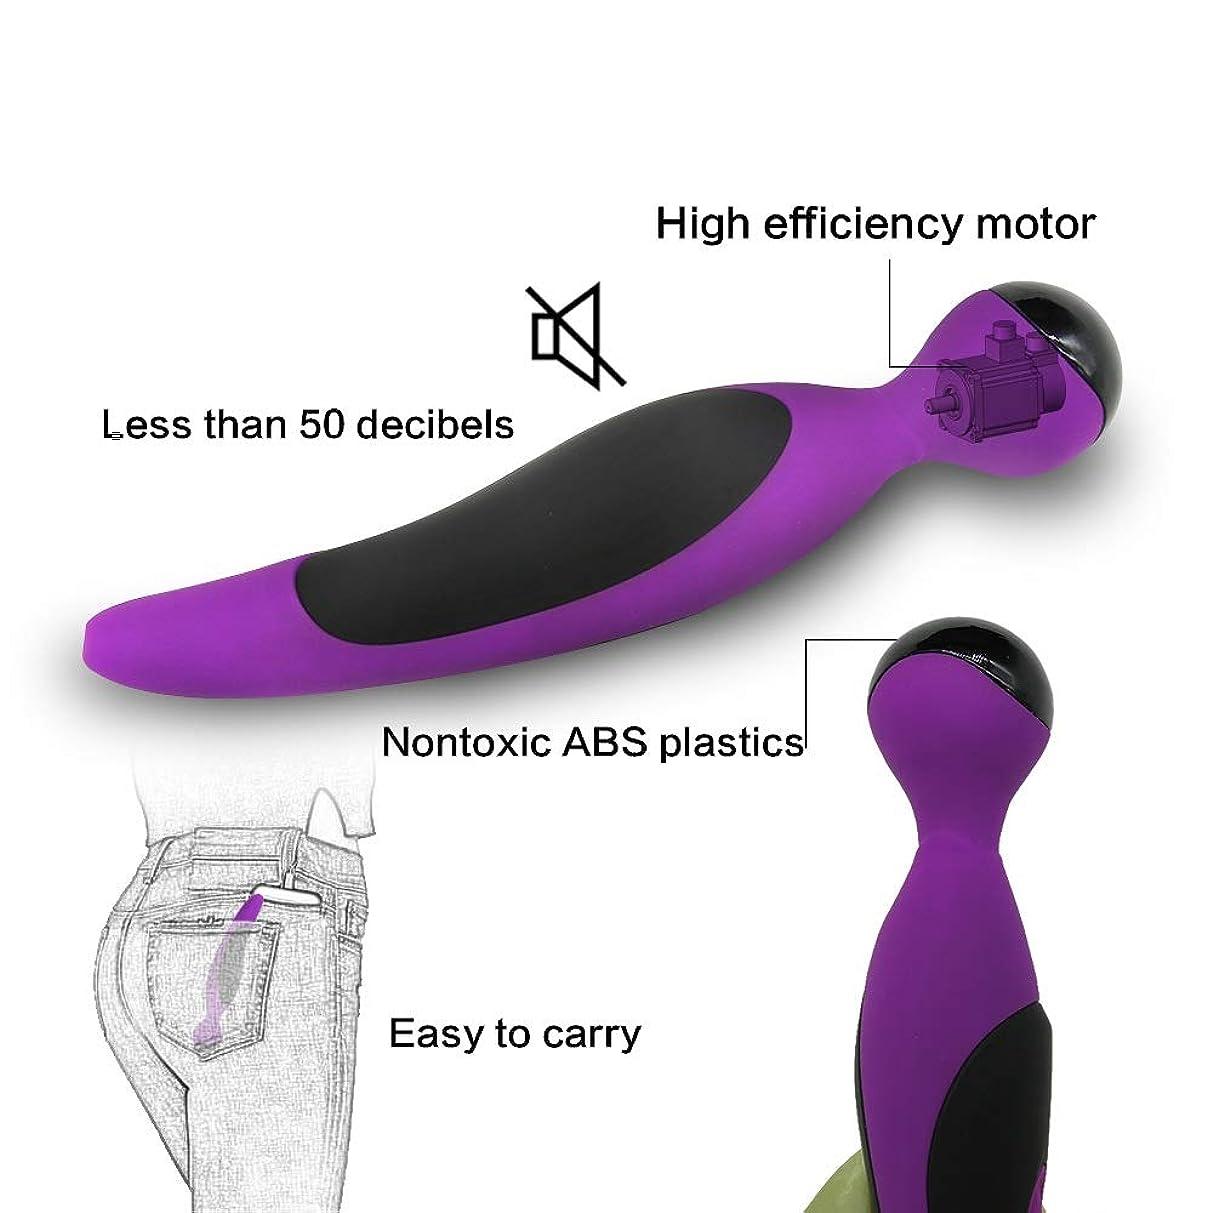 宗教緑悲しみ女性マッサージャー 女性のためのマルチ周波数振動ワイヤレス電気強力なサイレント防水Vibwandsフィットネスメッセージ - まばゆいばかりの紫のマッサージャー 女性マッサージャー